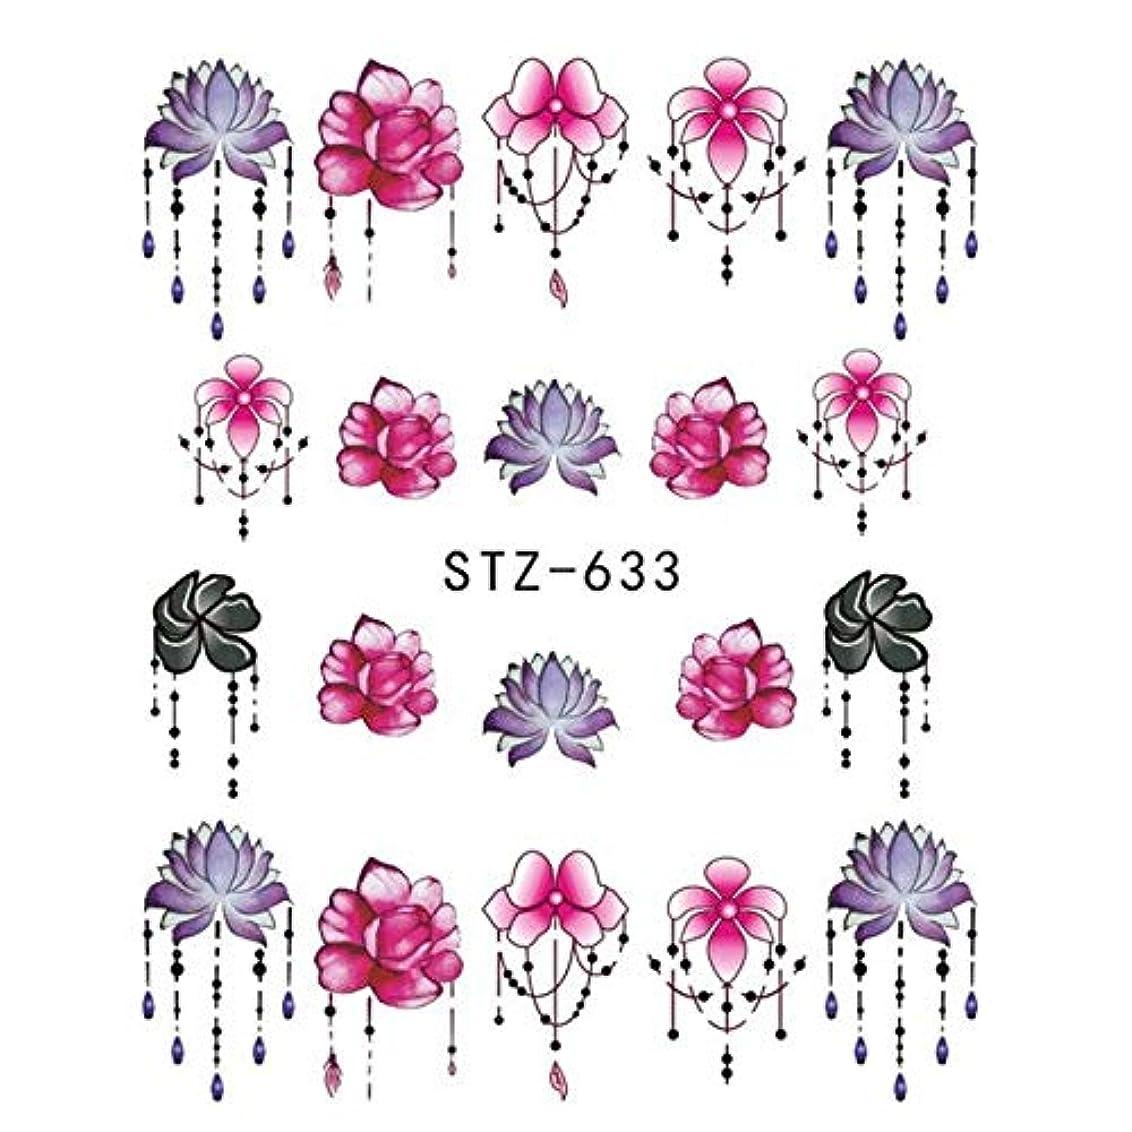 香港樫の木枝SUKTI&XIAO ネイルステッカー 1ピースネイルアートステッカー美容女性花水転写ステッカーラベルスライダー透かし装飾ツール